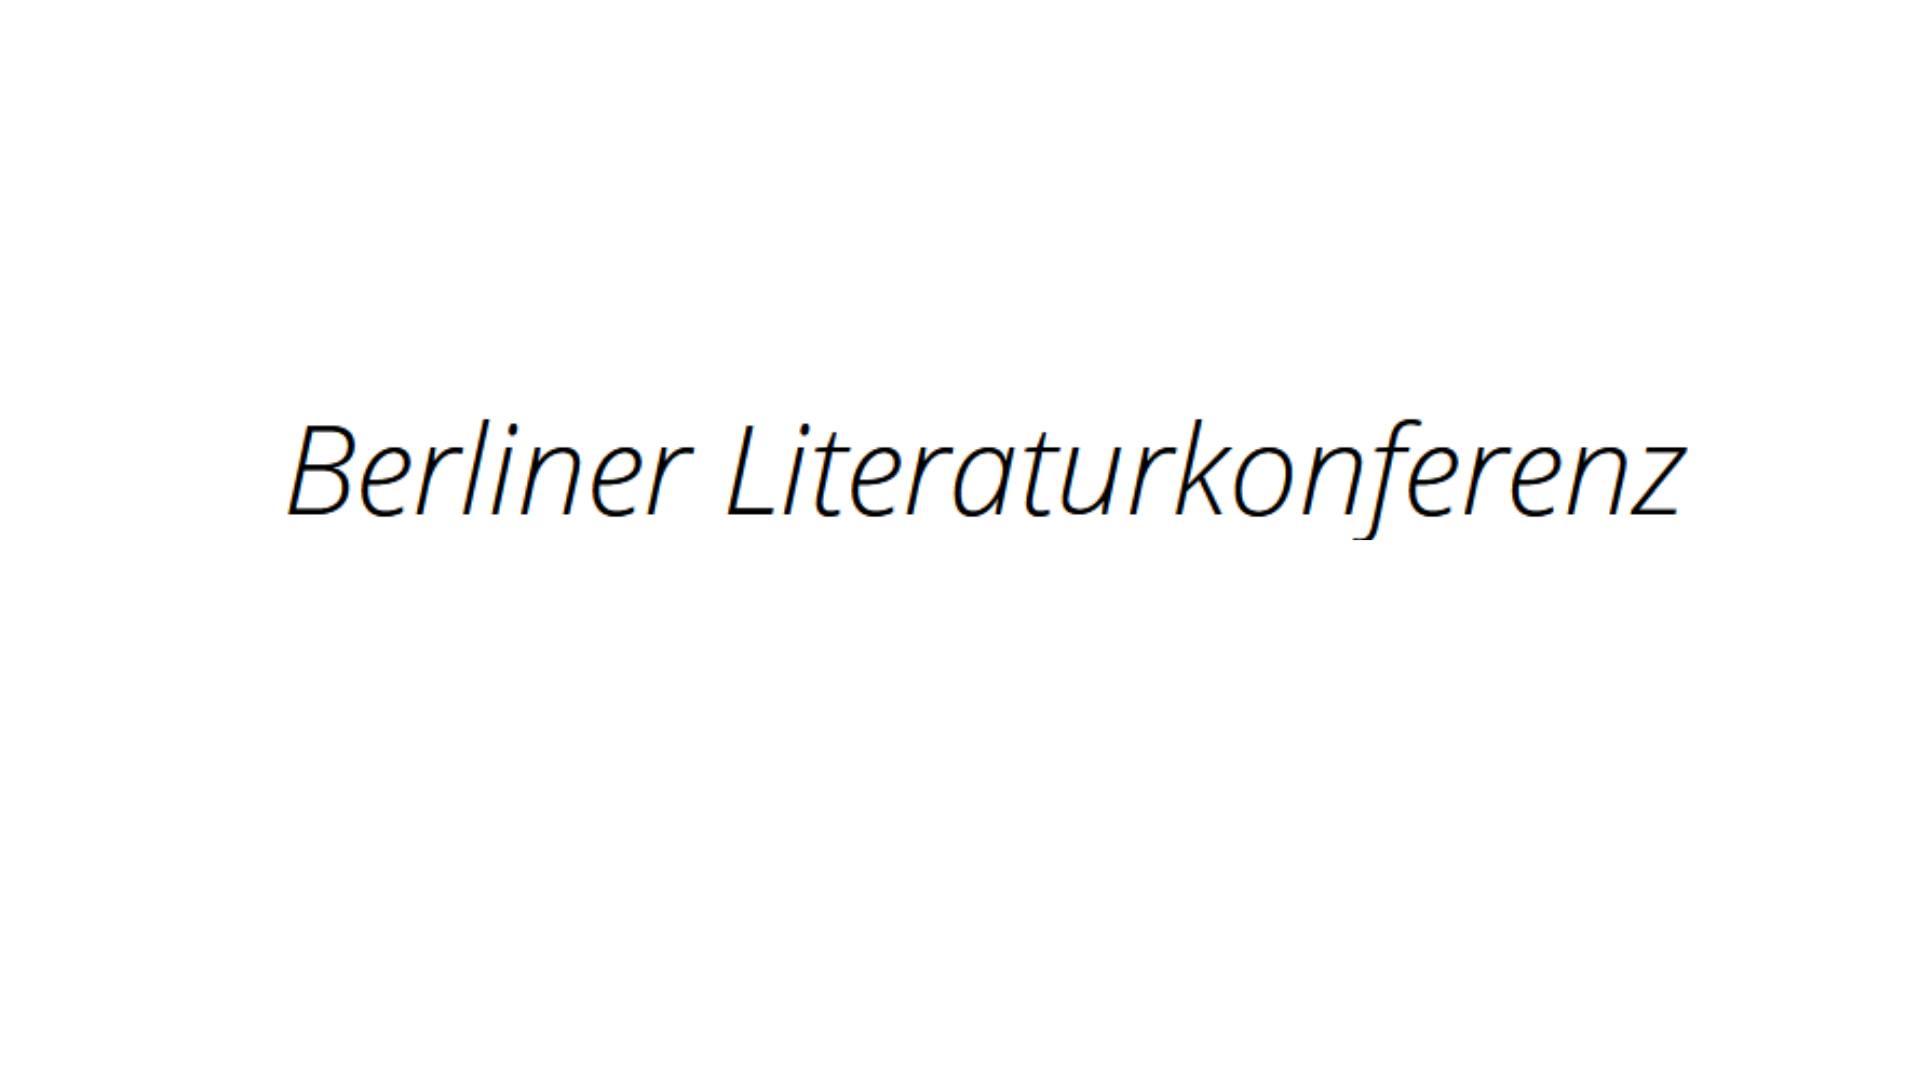 Berliner Literaturkonferenz